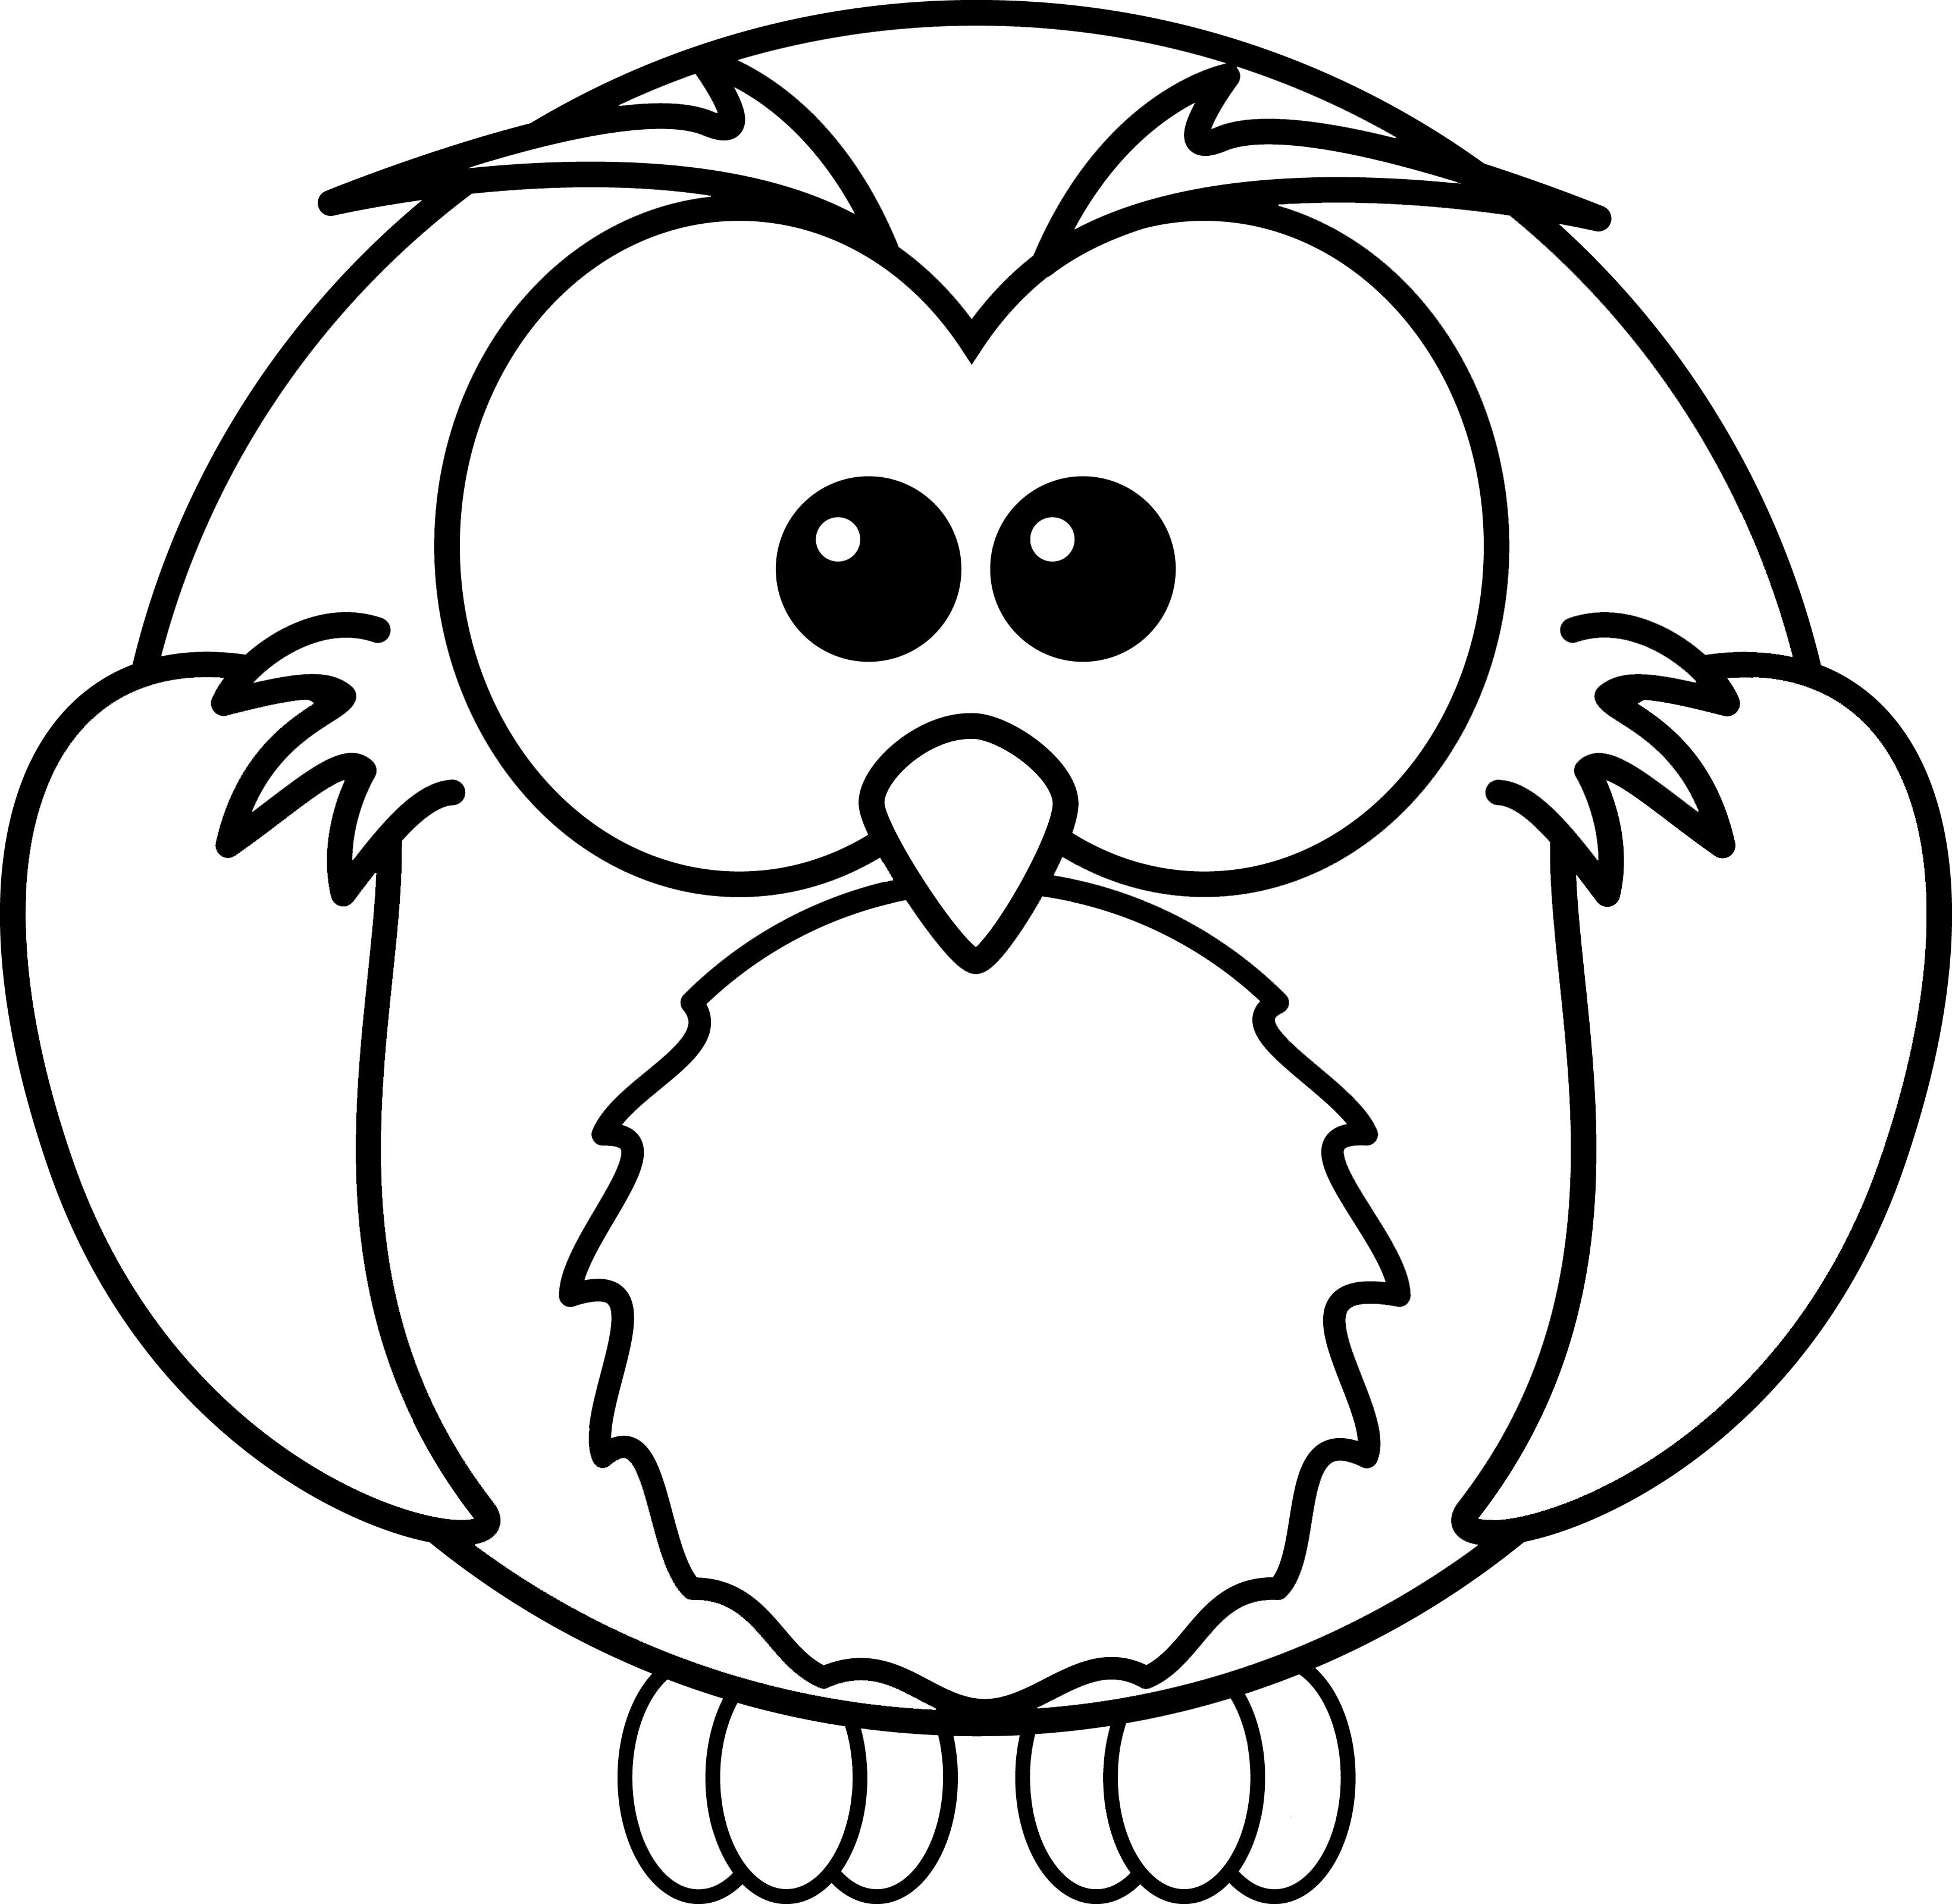 Pics Of Owls Cartoon